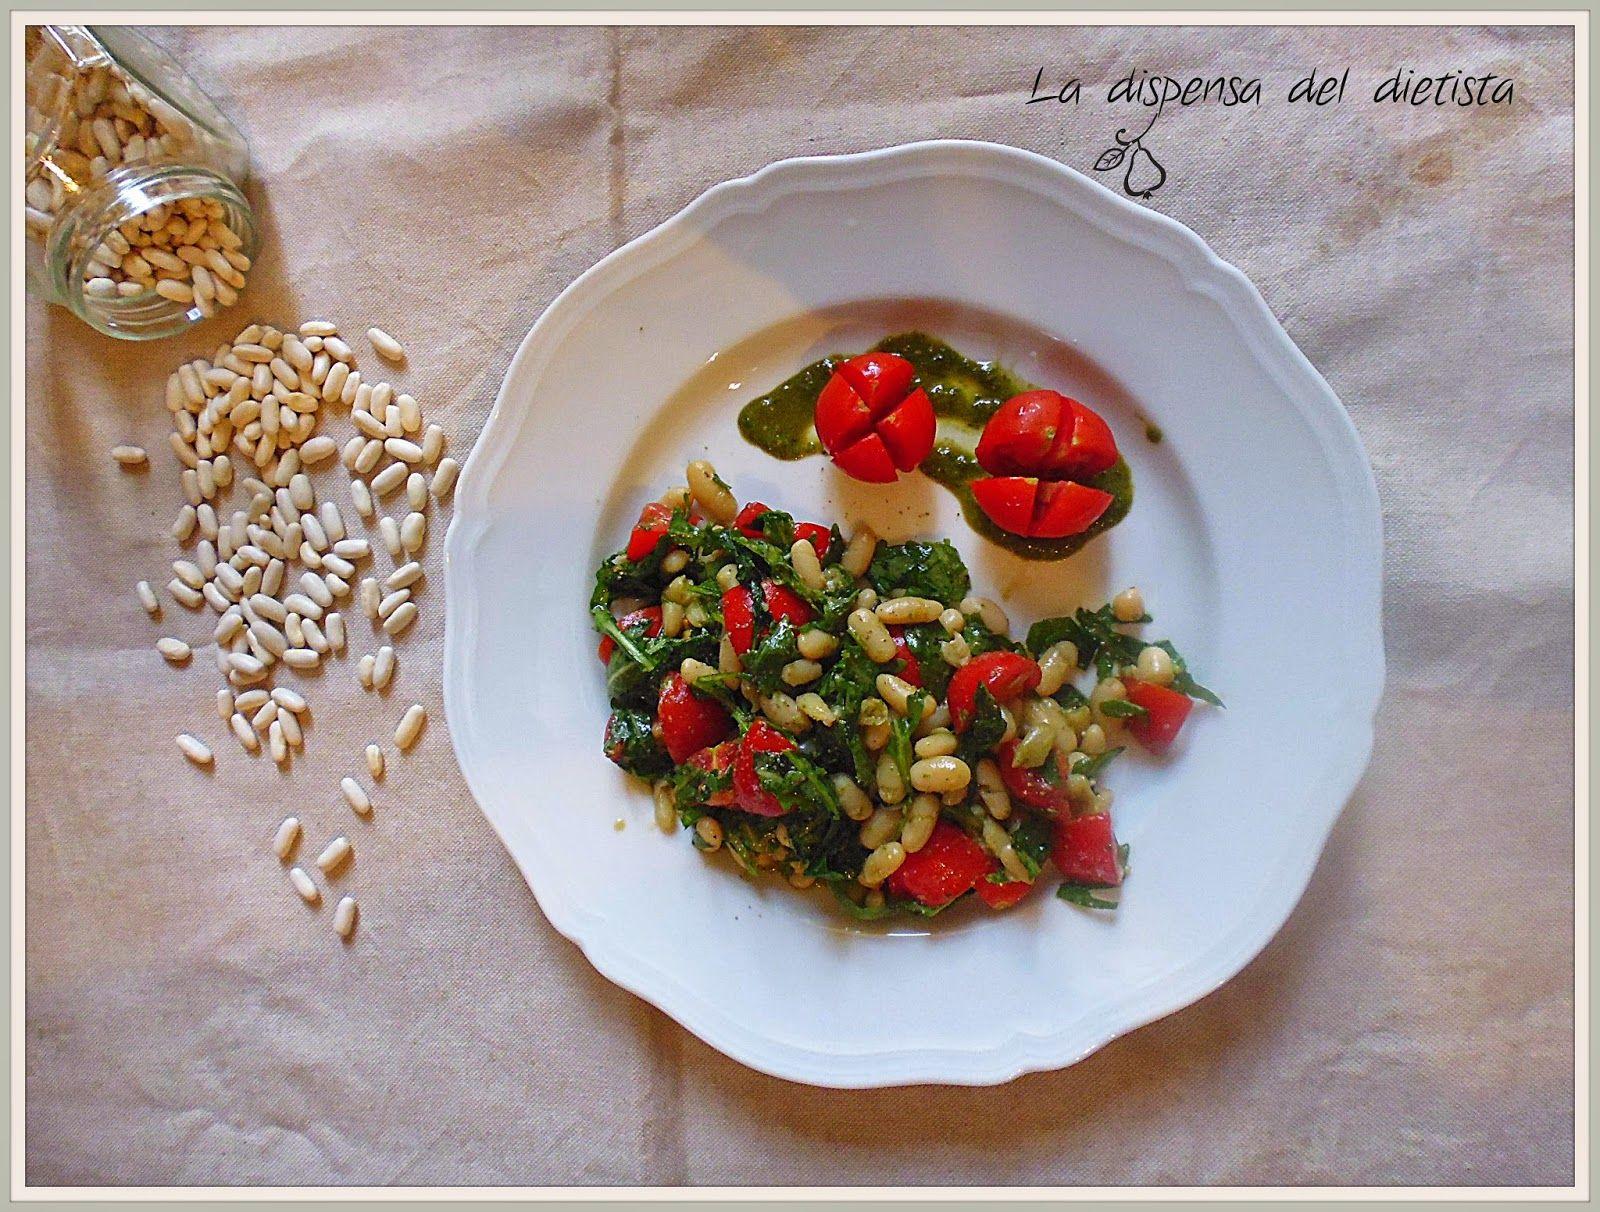 La dispensa del dietista: Insalata di fagioli al pesto